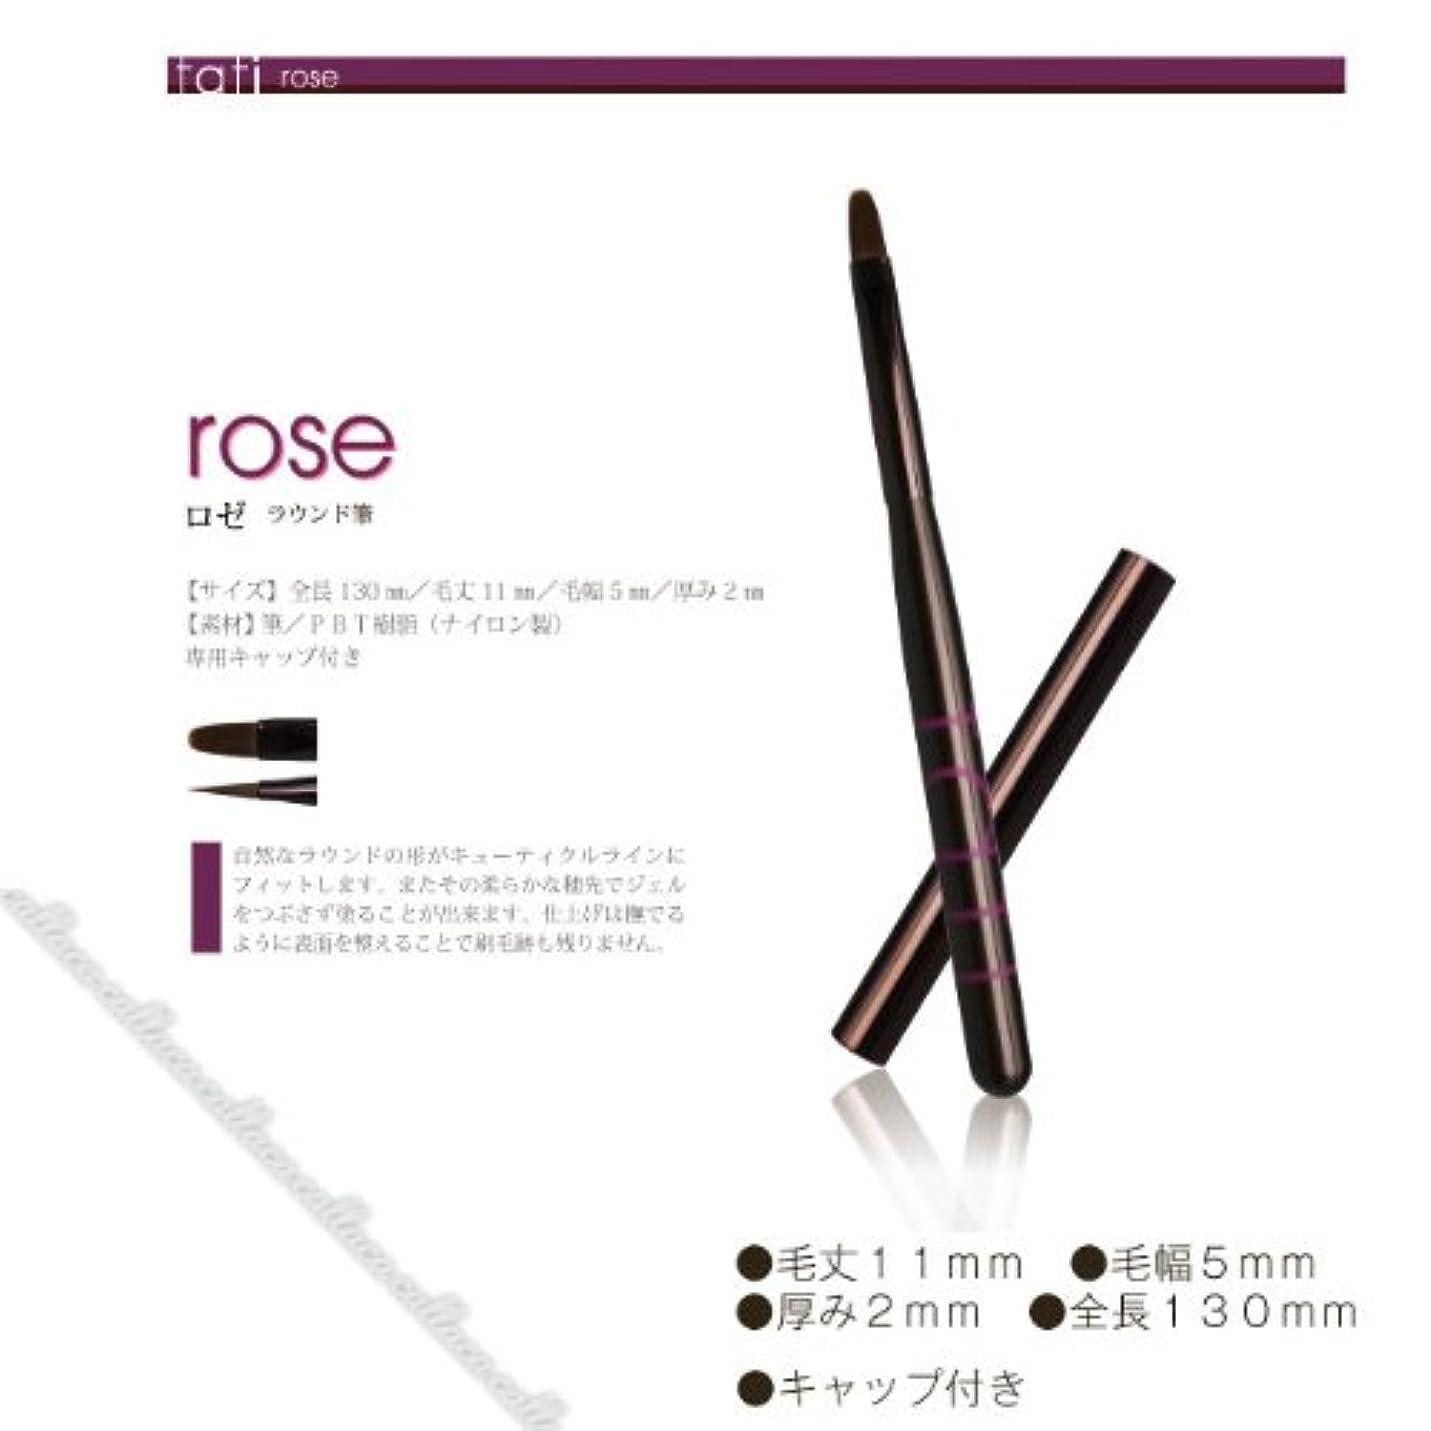 顔料無傷摂氏tati ジェル ブラシアートショコラ rose (ロゼ)